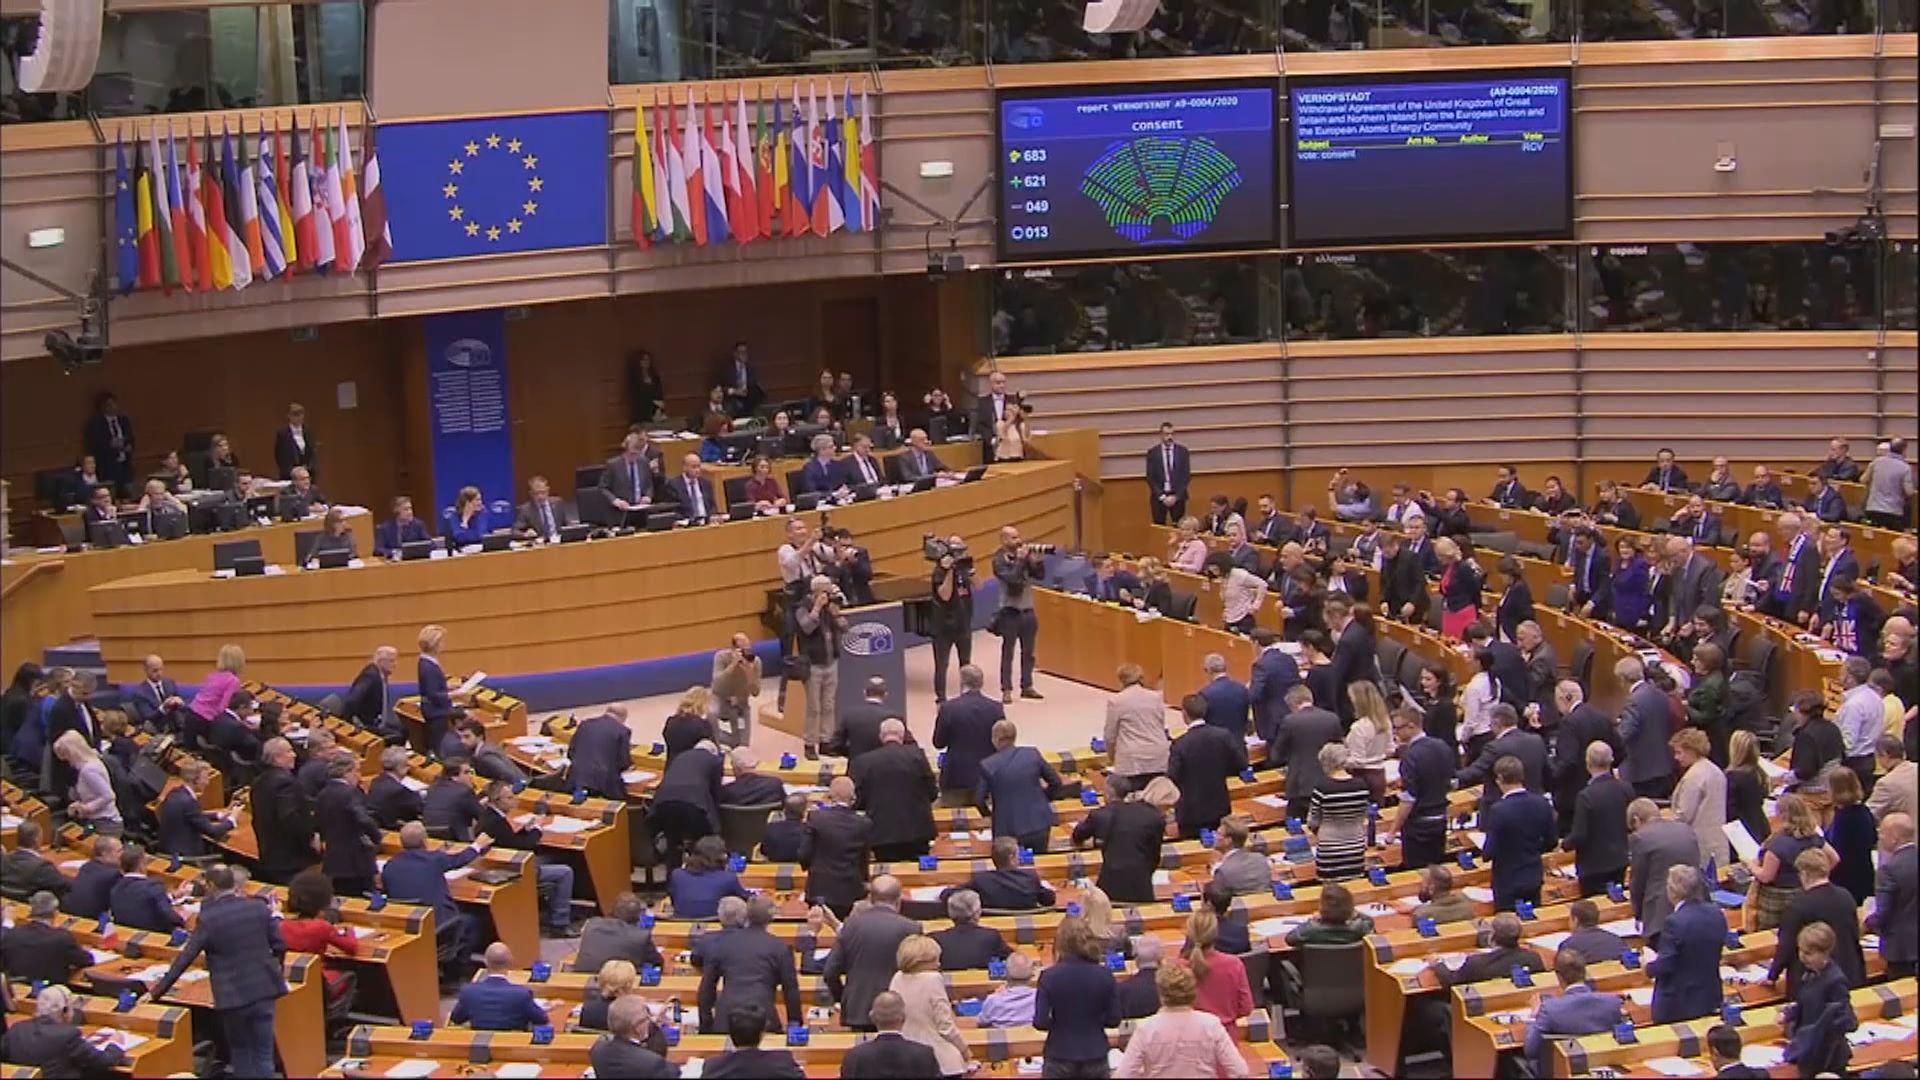 歐洲議會通過英脫歐協議 將展開未來合作關係談判